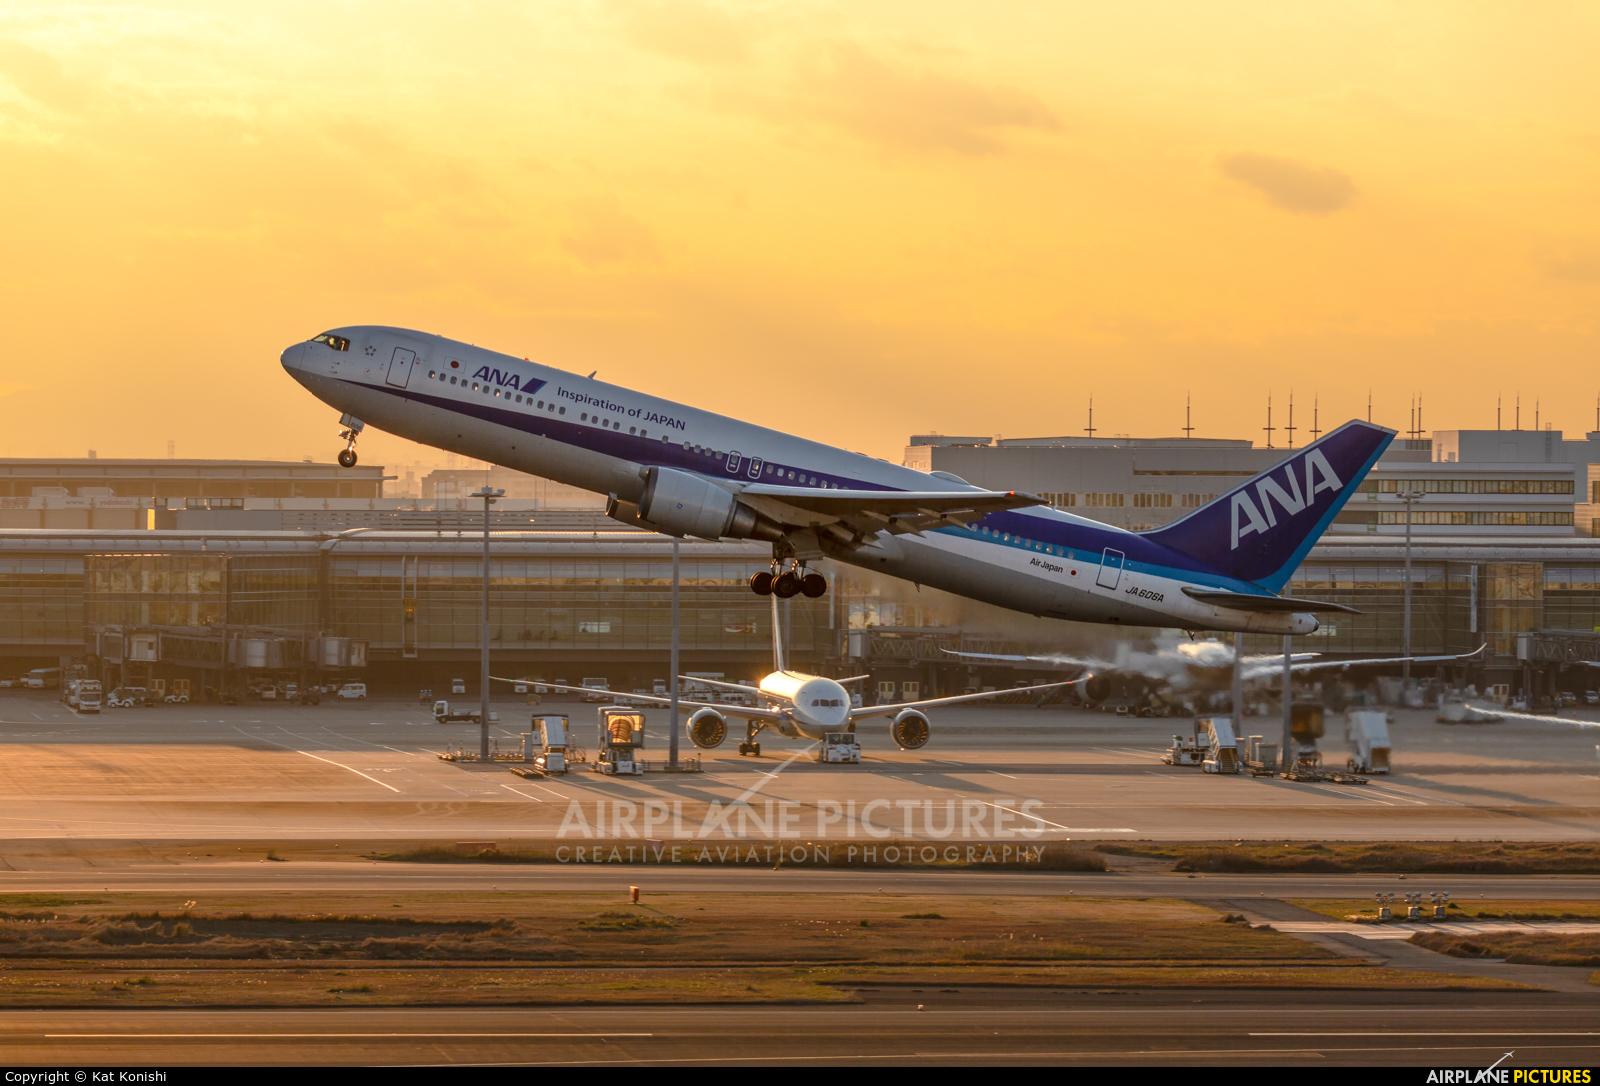 ANA - All Nippon Airways JA606A aircraft at Tokyo - Haneda Intl